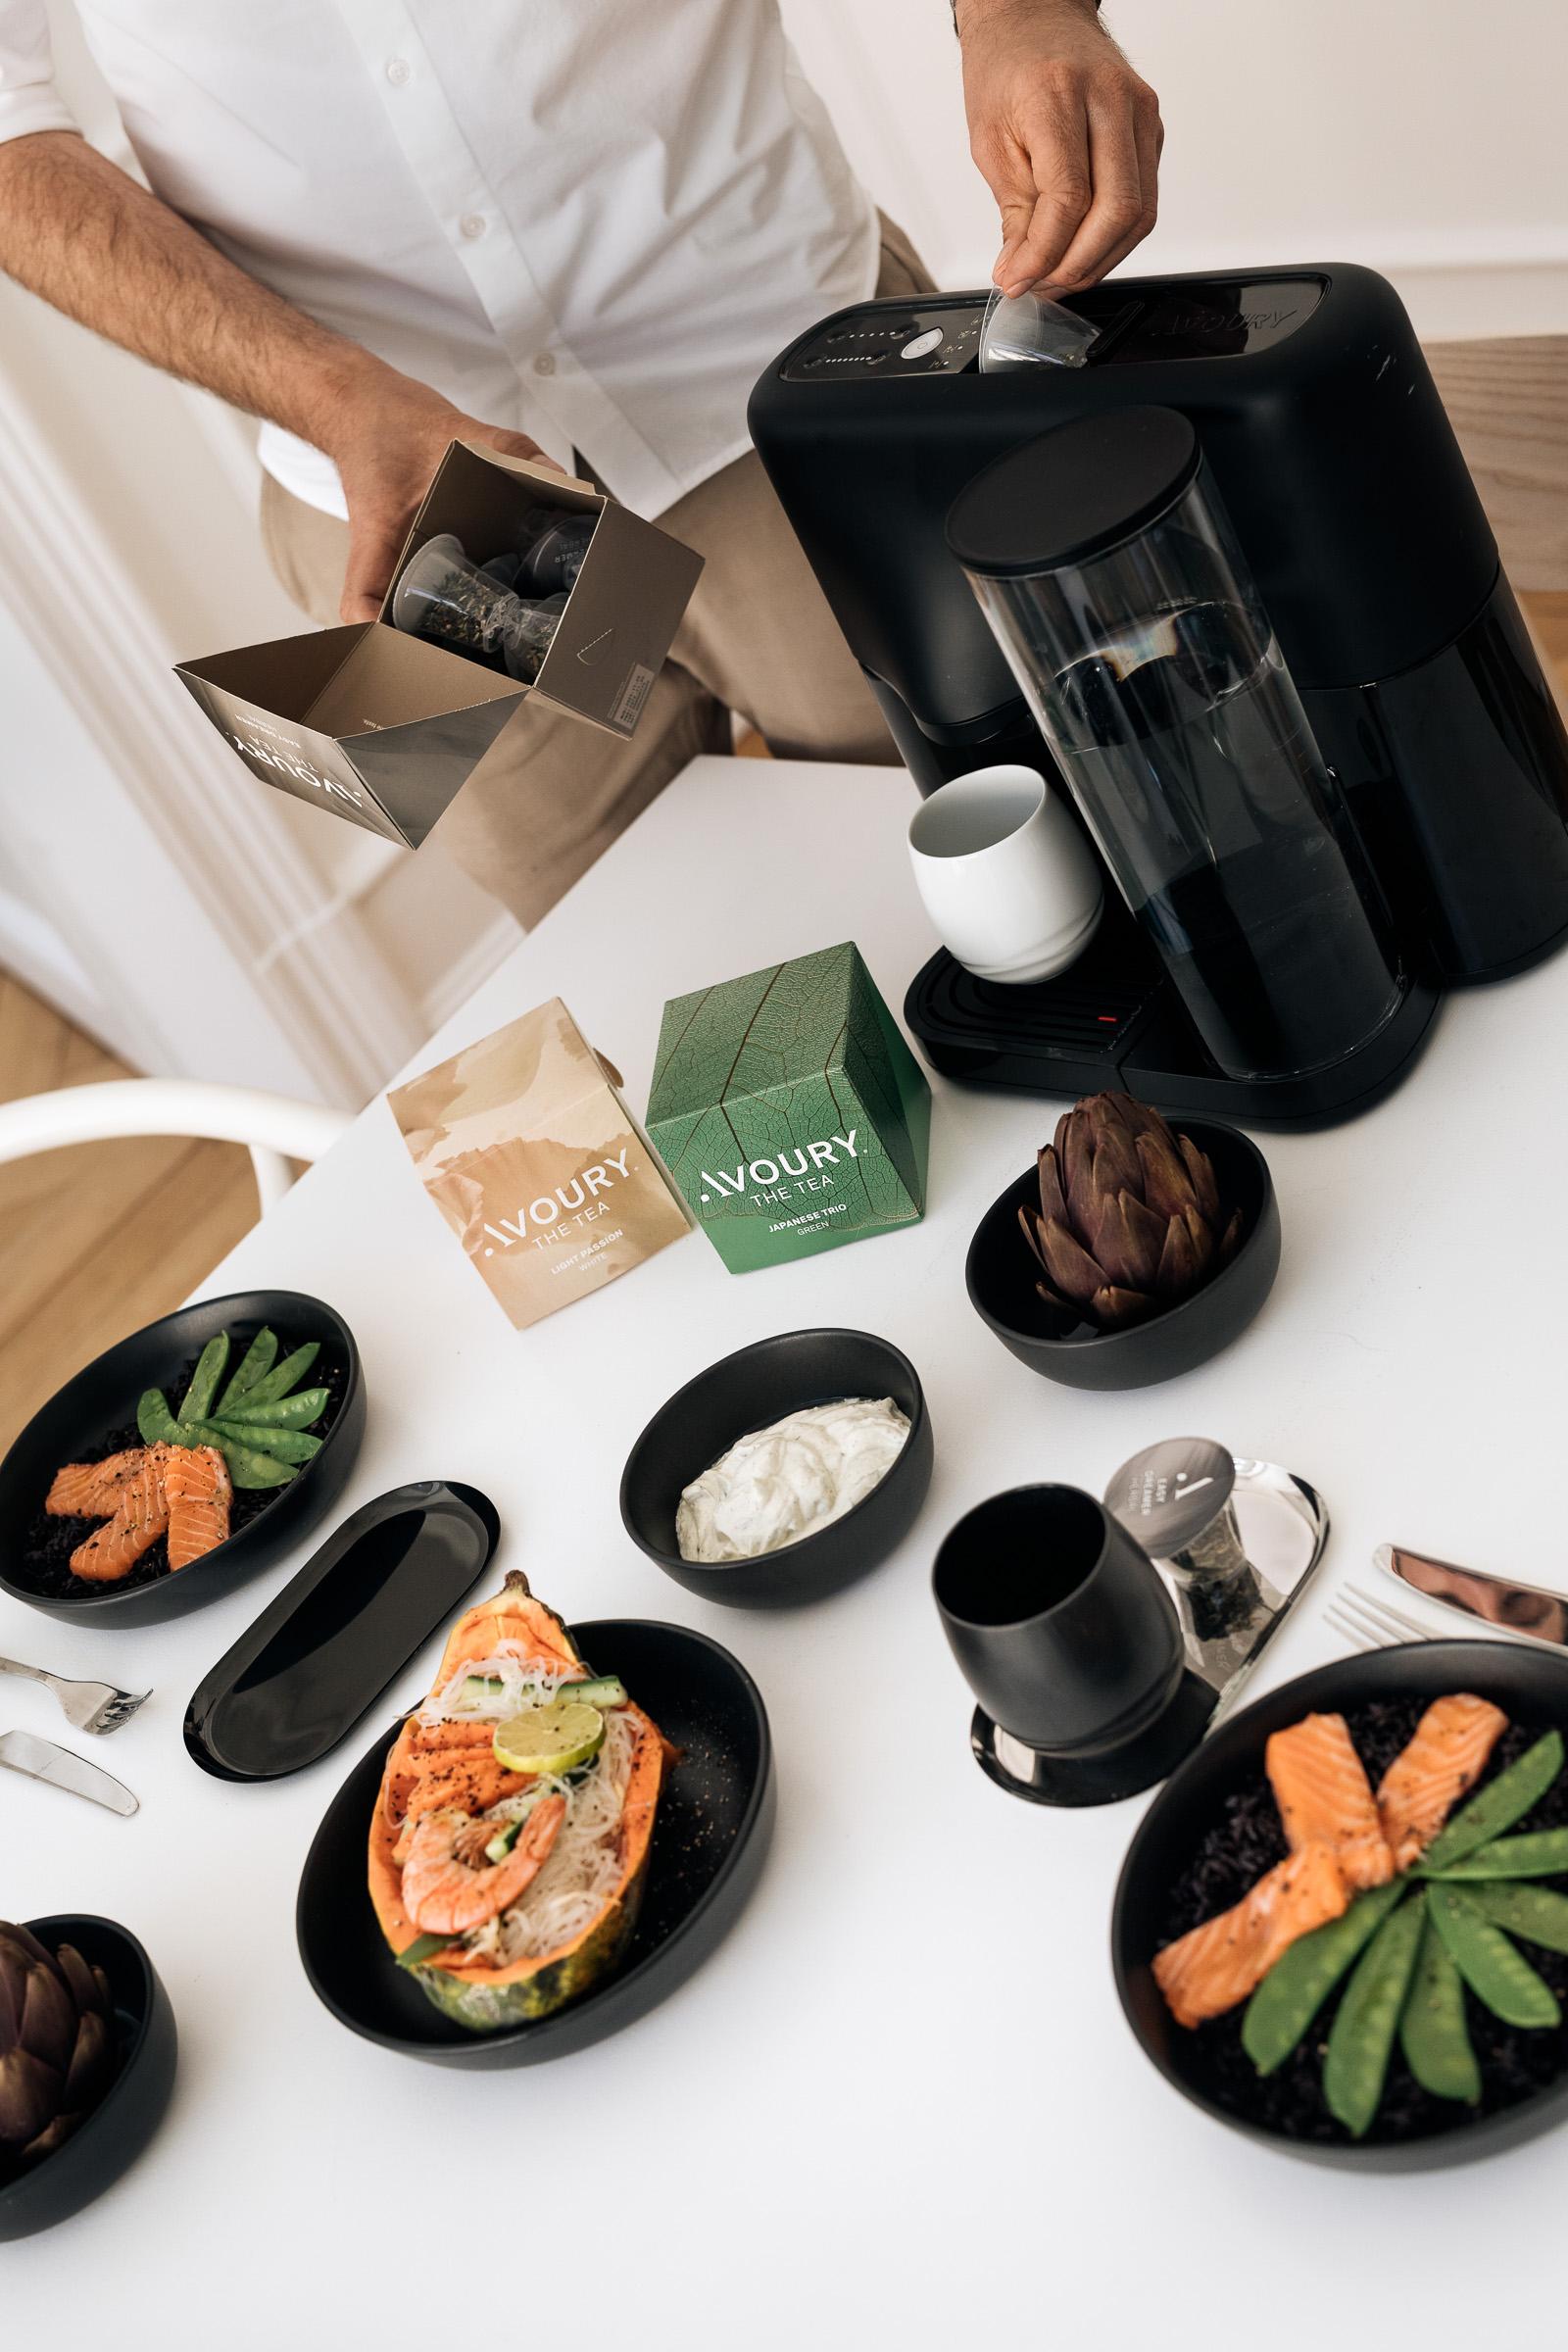 avoury-tea-sebastian-schmidt-by-rose-time